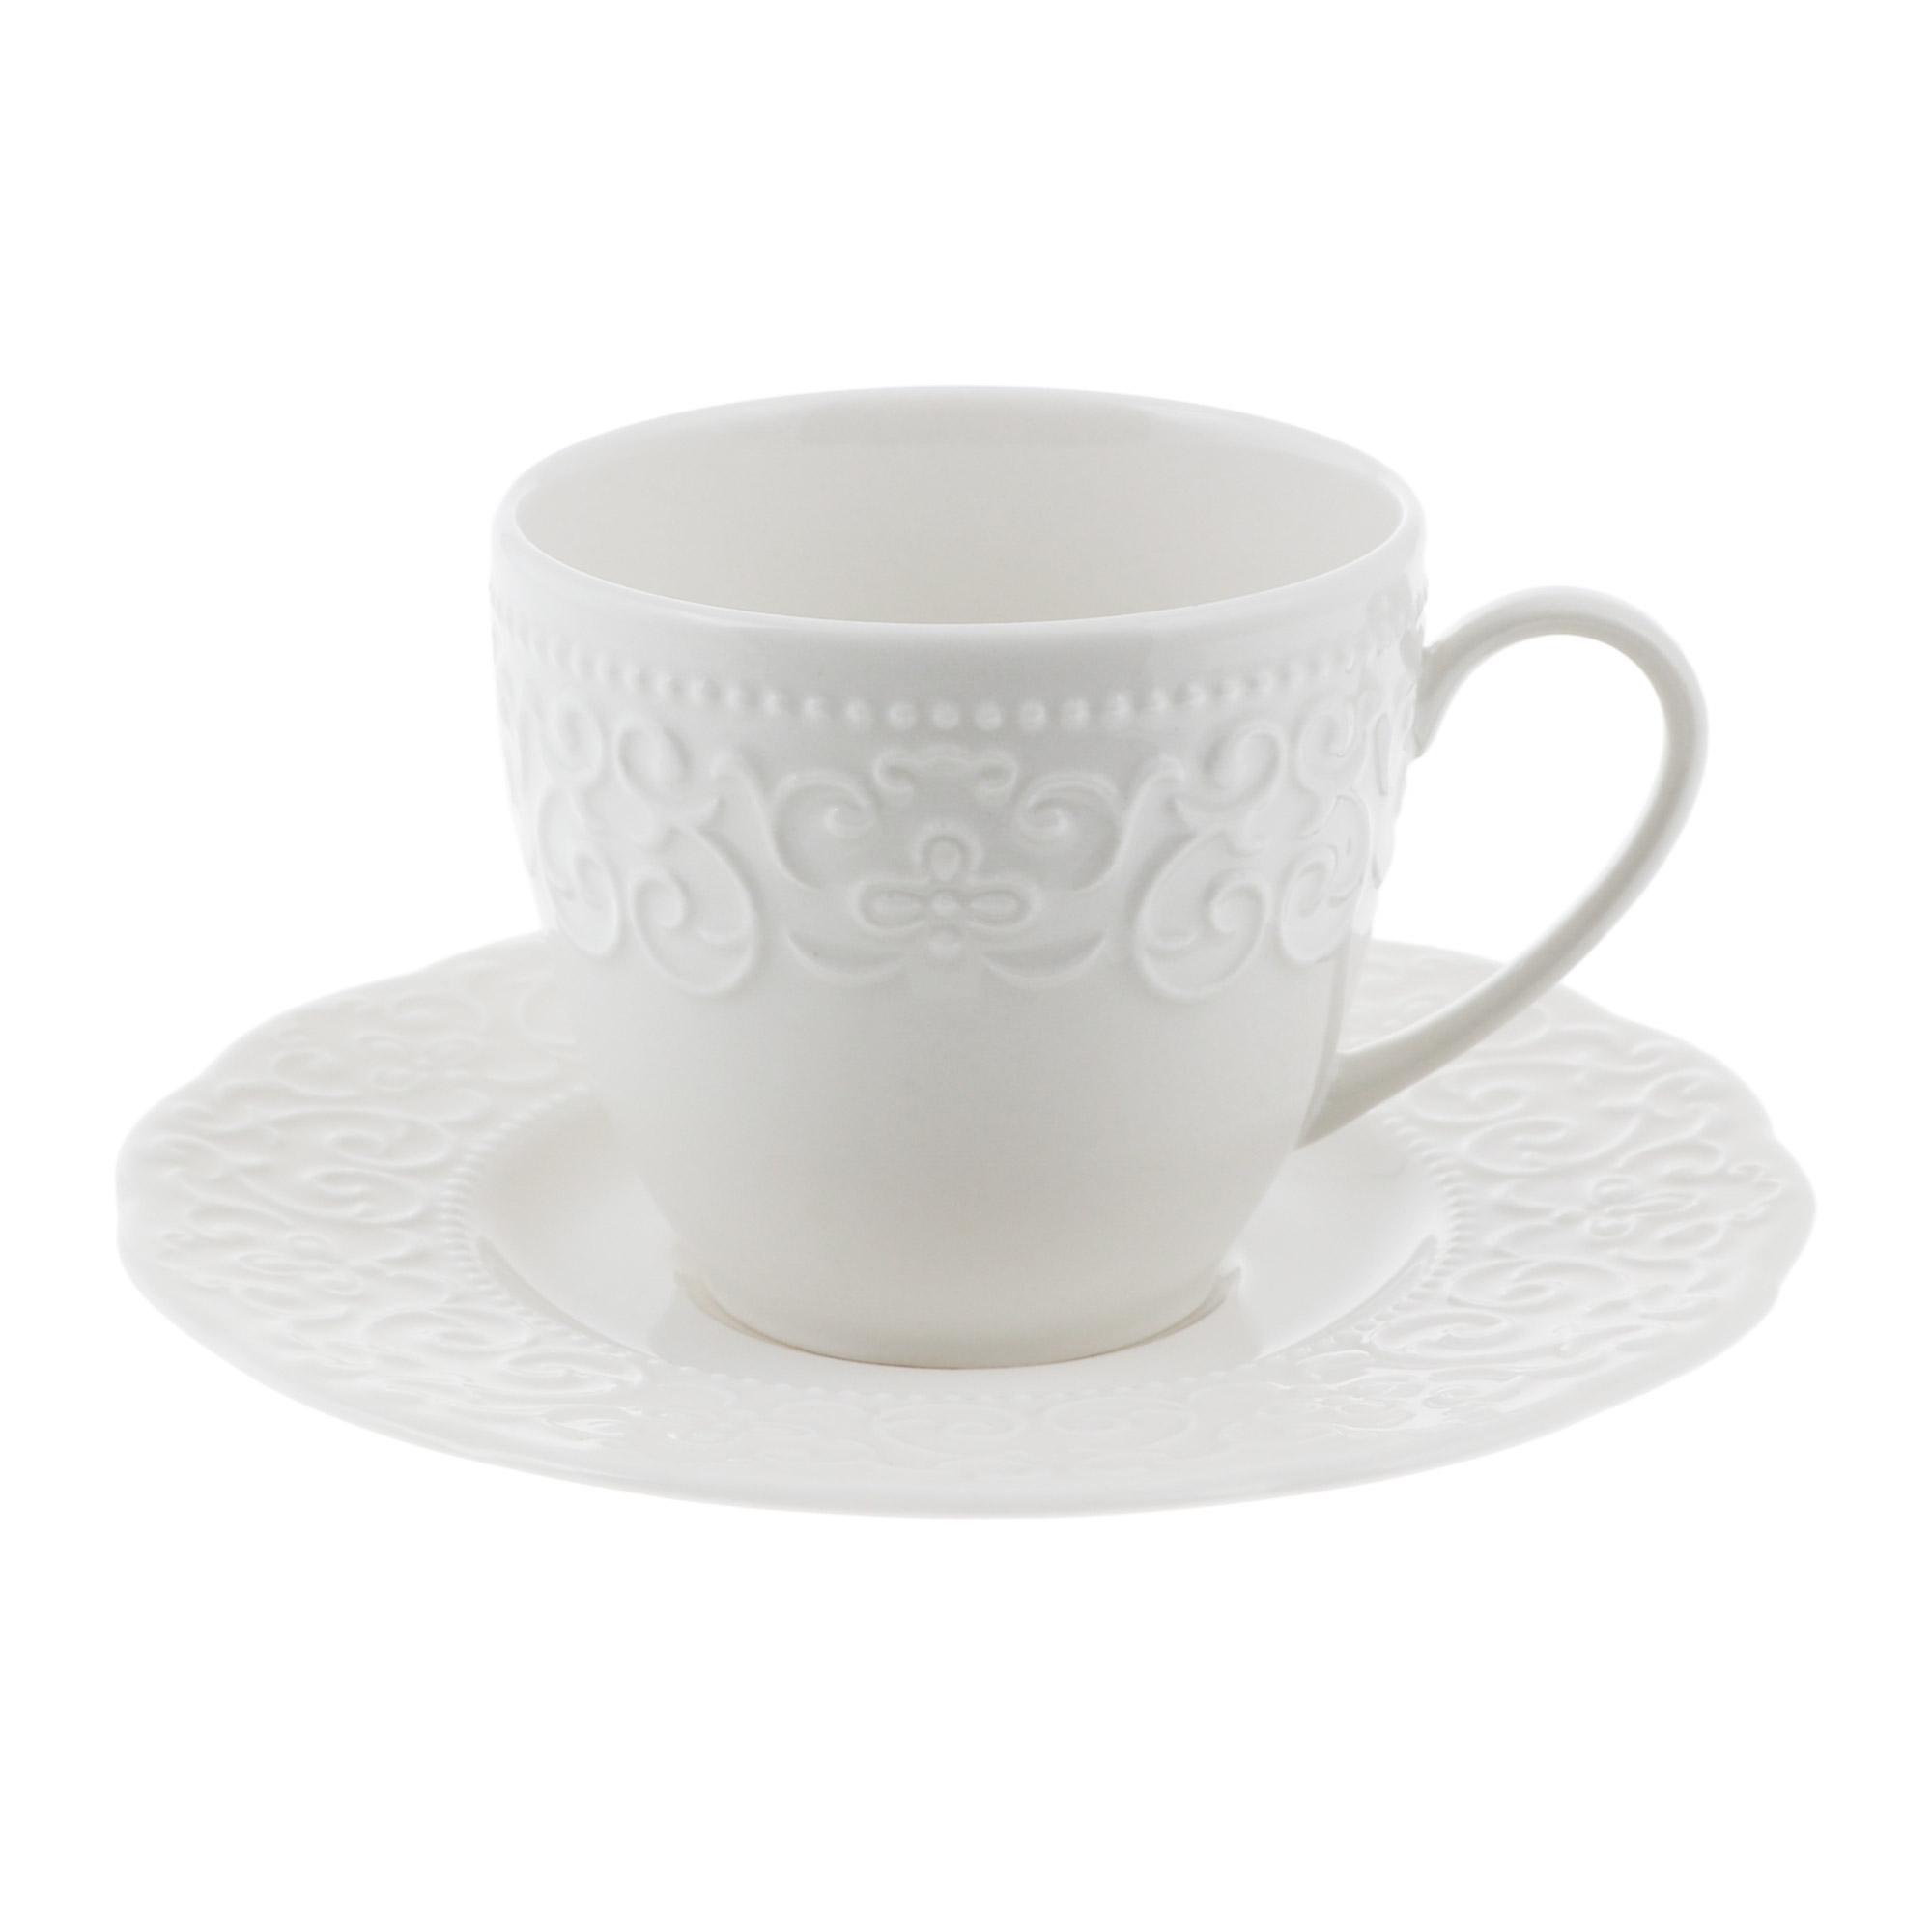 Чашка с блюдцем чайная 120мл Kutahya porselen Irem недекорированная